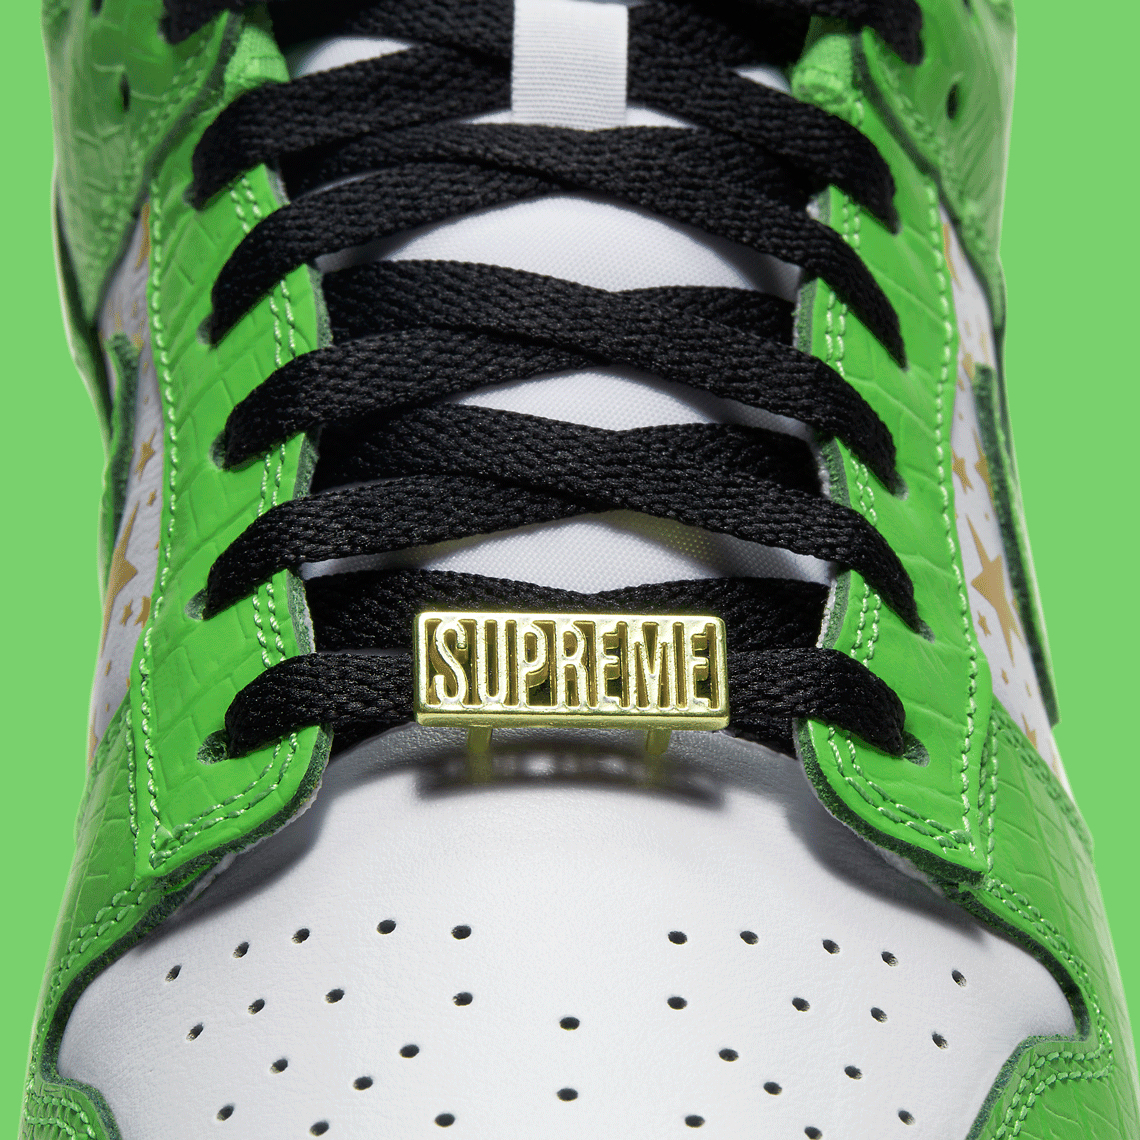 SUPREME x Nike SB Dunk Low ''Green'' - DH3228-101